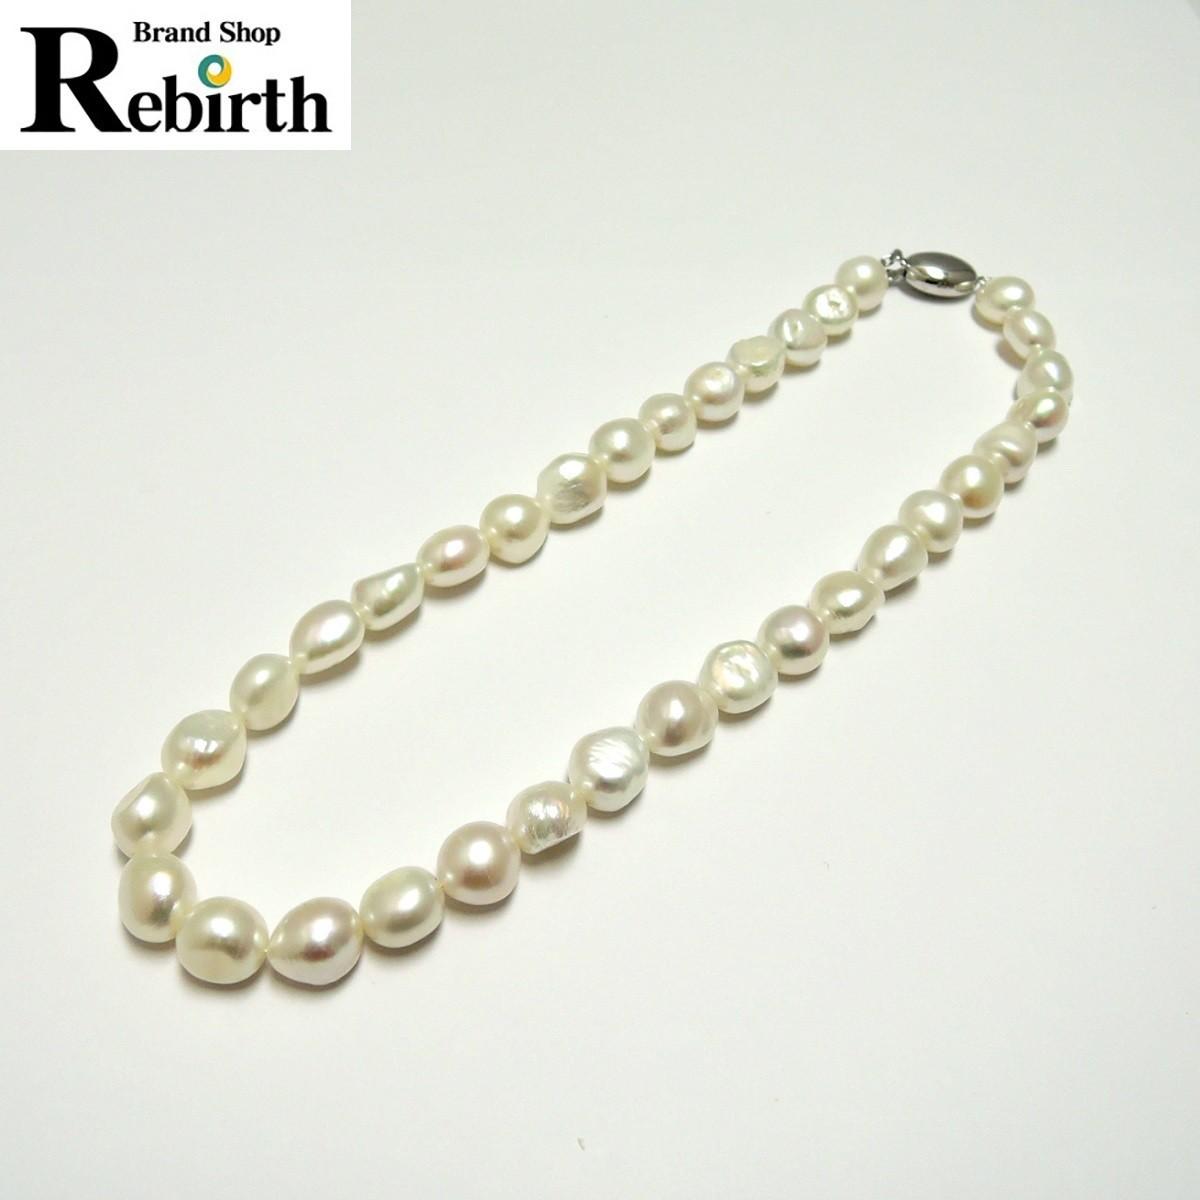 田崎真珠/TASAKI 本真珠 パールネックレス ダイヤ 刻印:0.02 約10mm前後 首回り約40cm FS_画像1